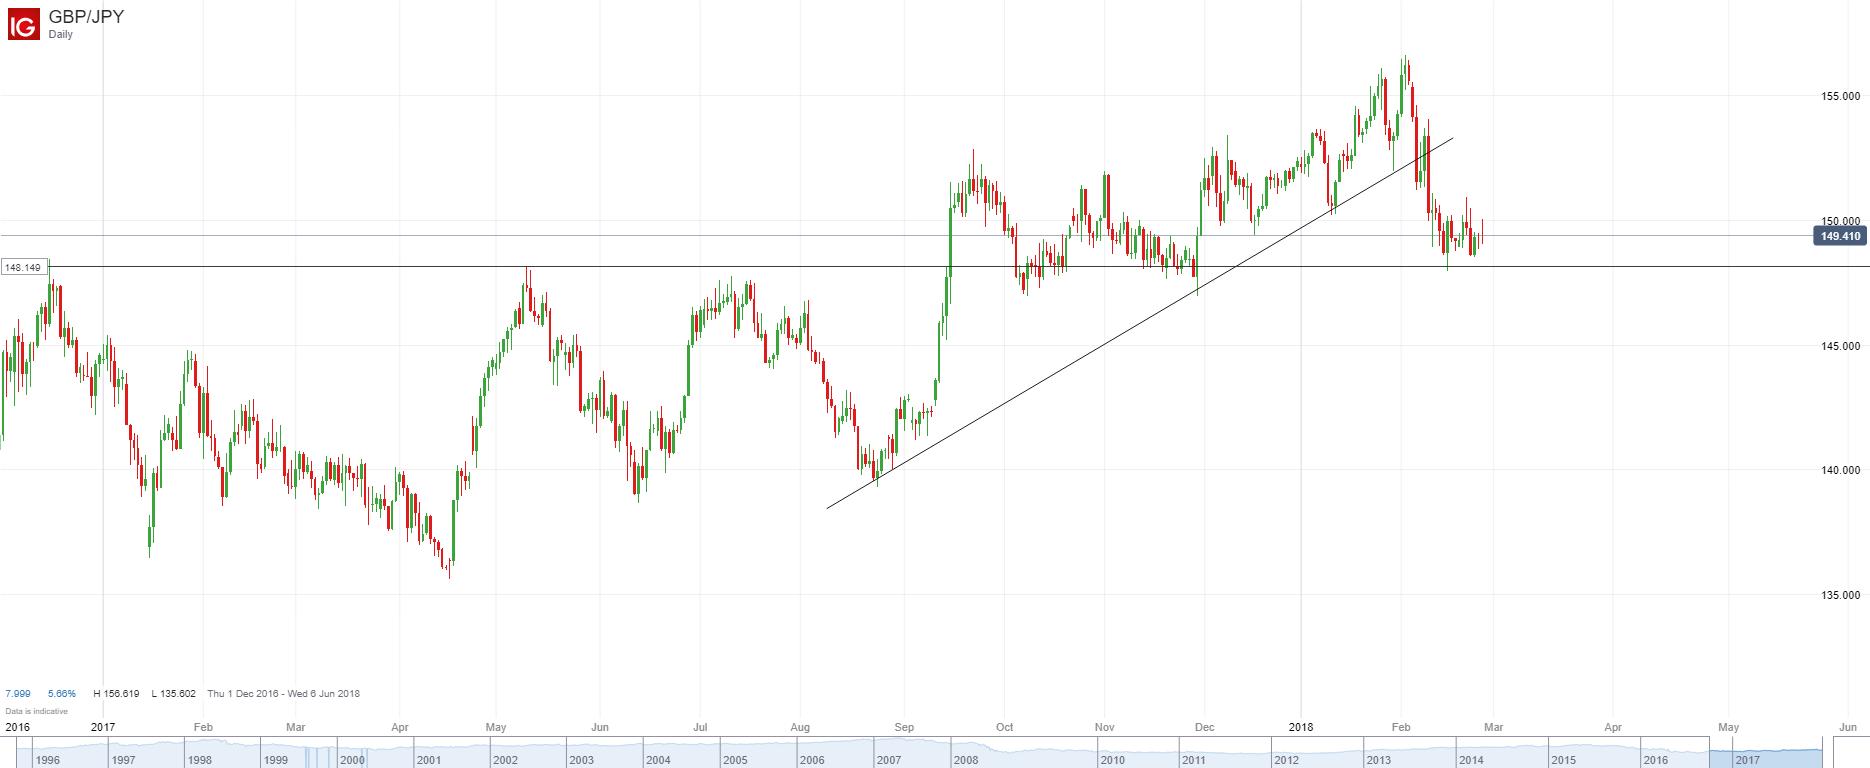 英镑/日元:日图近两周陷入震荡整理